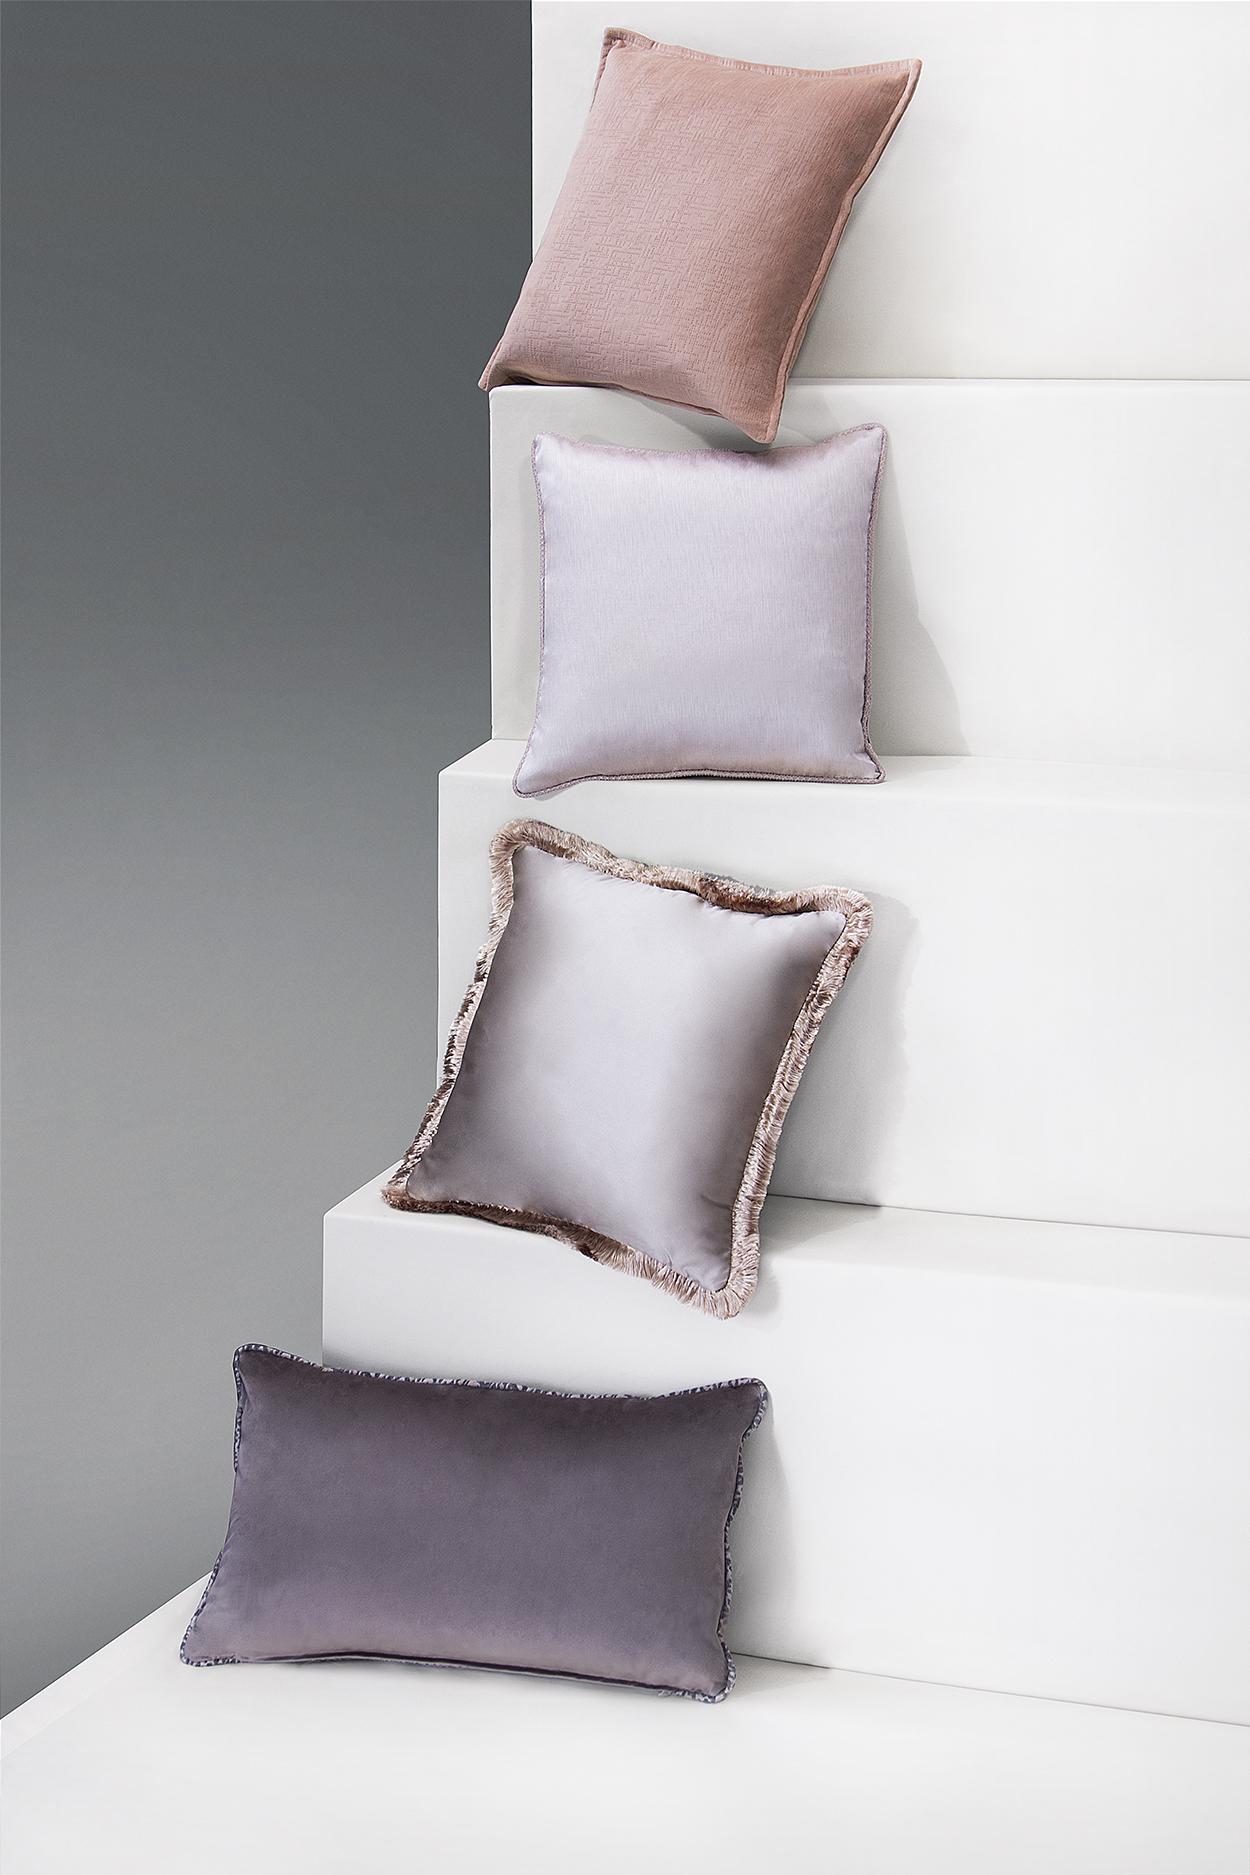 Новинки от BRABBU на iSaloni 2018. Rare Edition и многое другое  isaloni Новинки от BRABBU на iSaloni 2018. Rare Edition и многое другое BRABBUs Essential Pillows 2